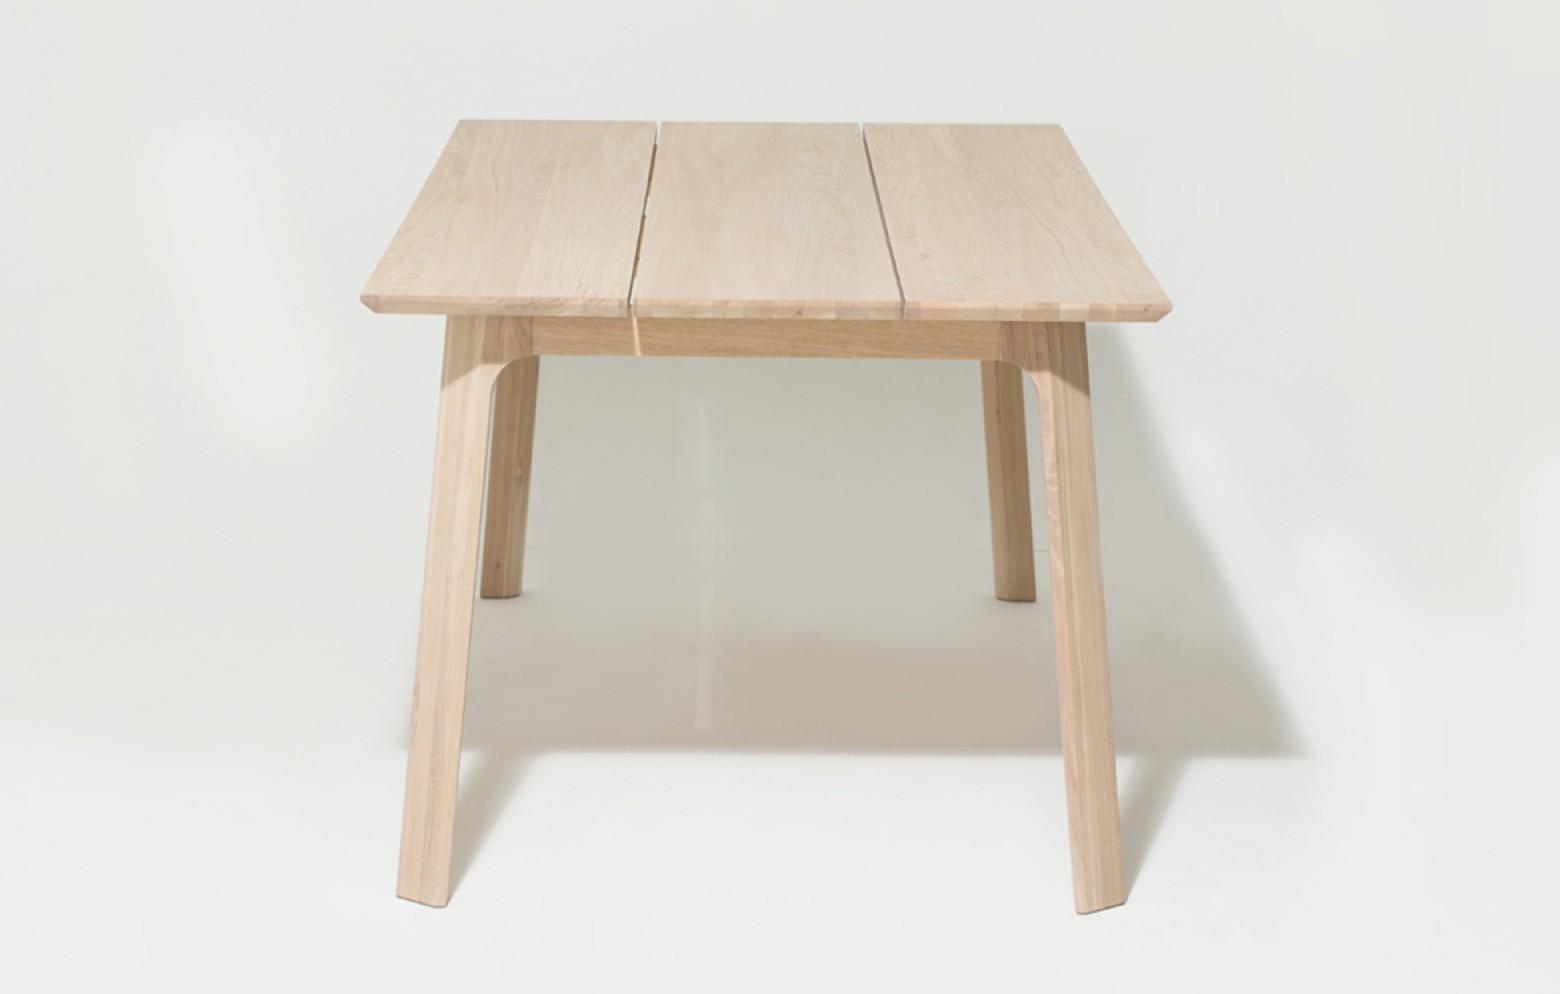 Schön Esstisch Stühle Beige Foto Von Sirolo 200